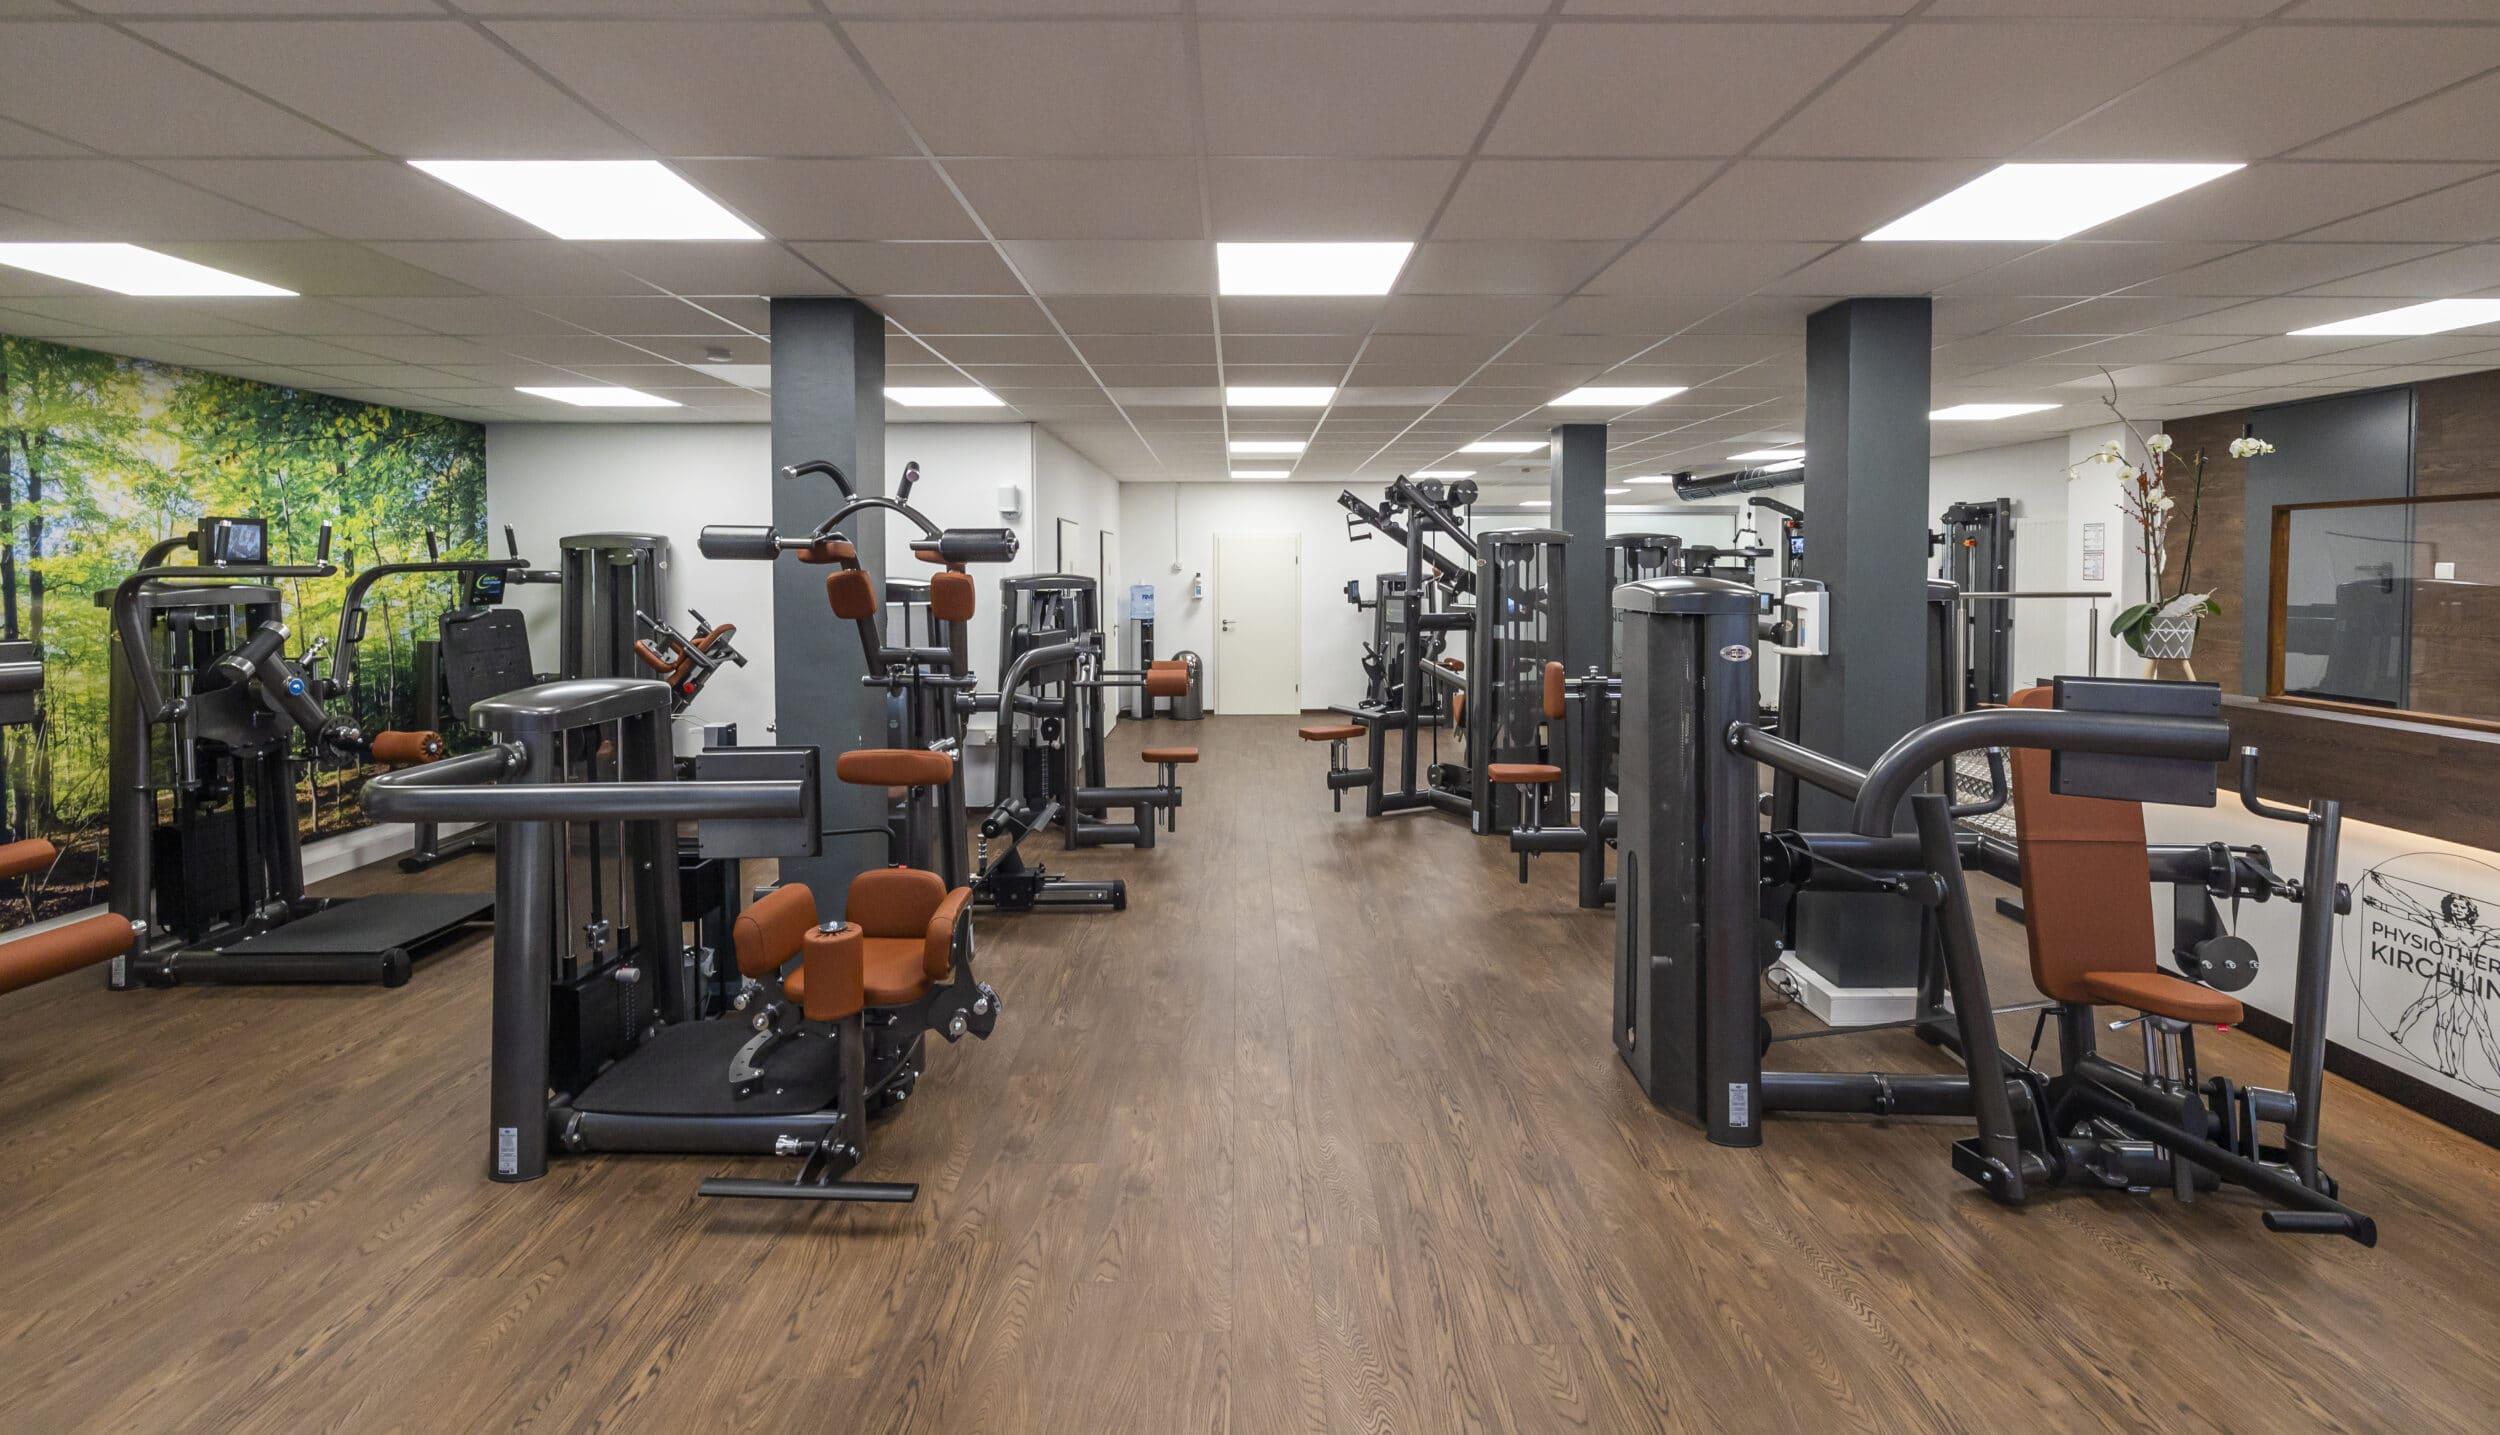 Der neu gestaltete Raum der Physiotherapie Kirchlinde (Foto: Wir in Dortmund)